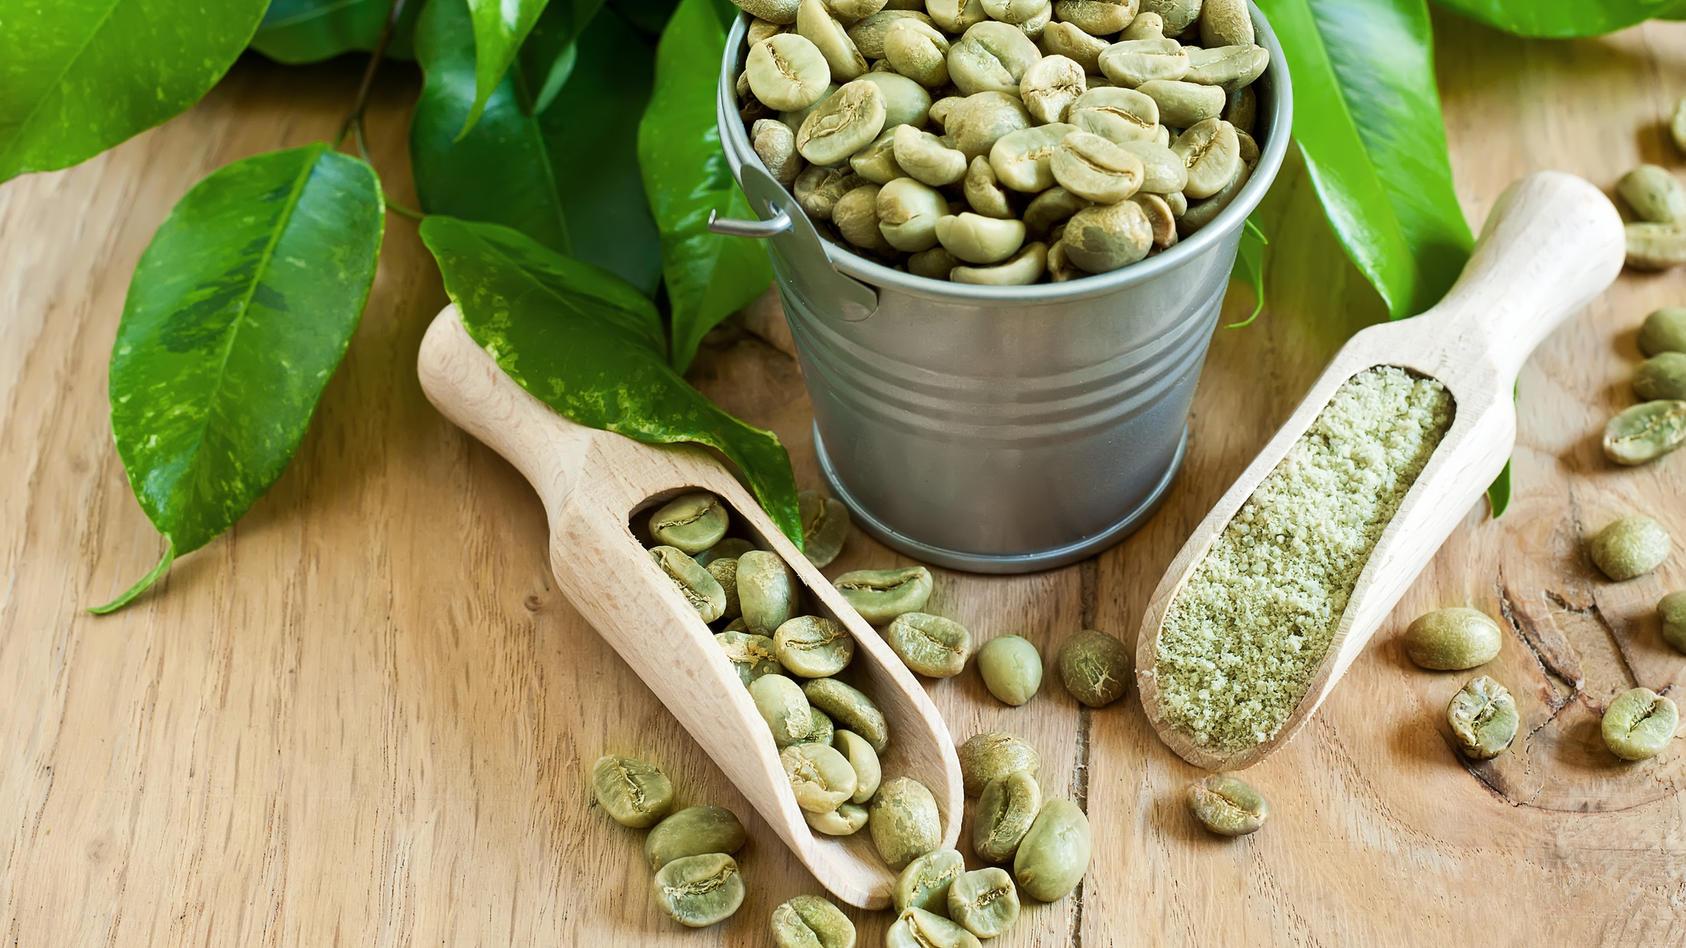 Grüner Kaffee soll beim Abnehmen helfen.